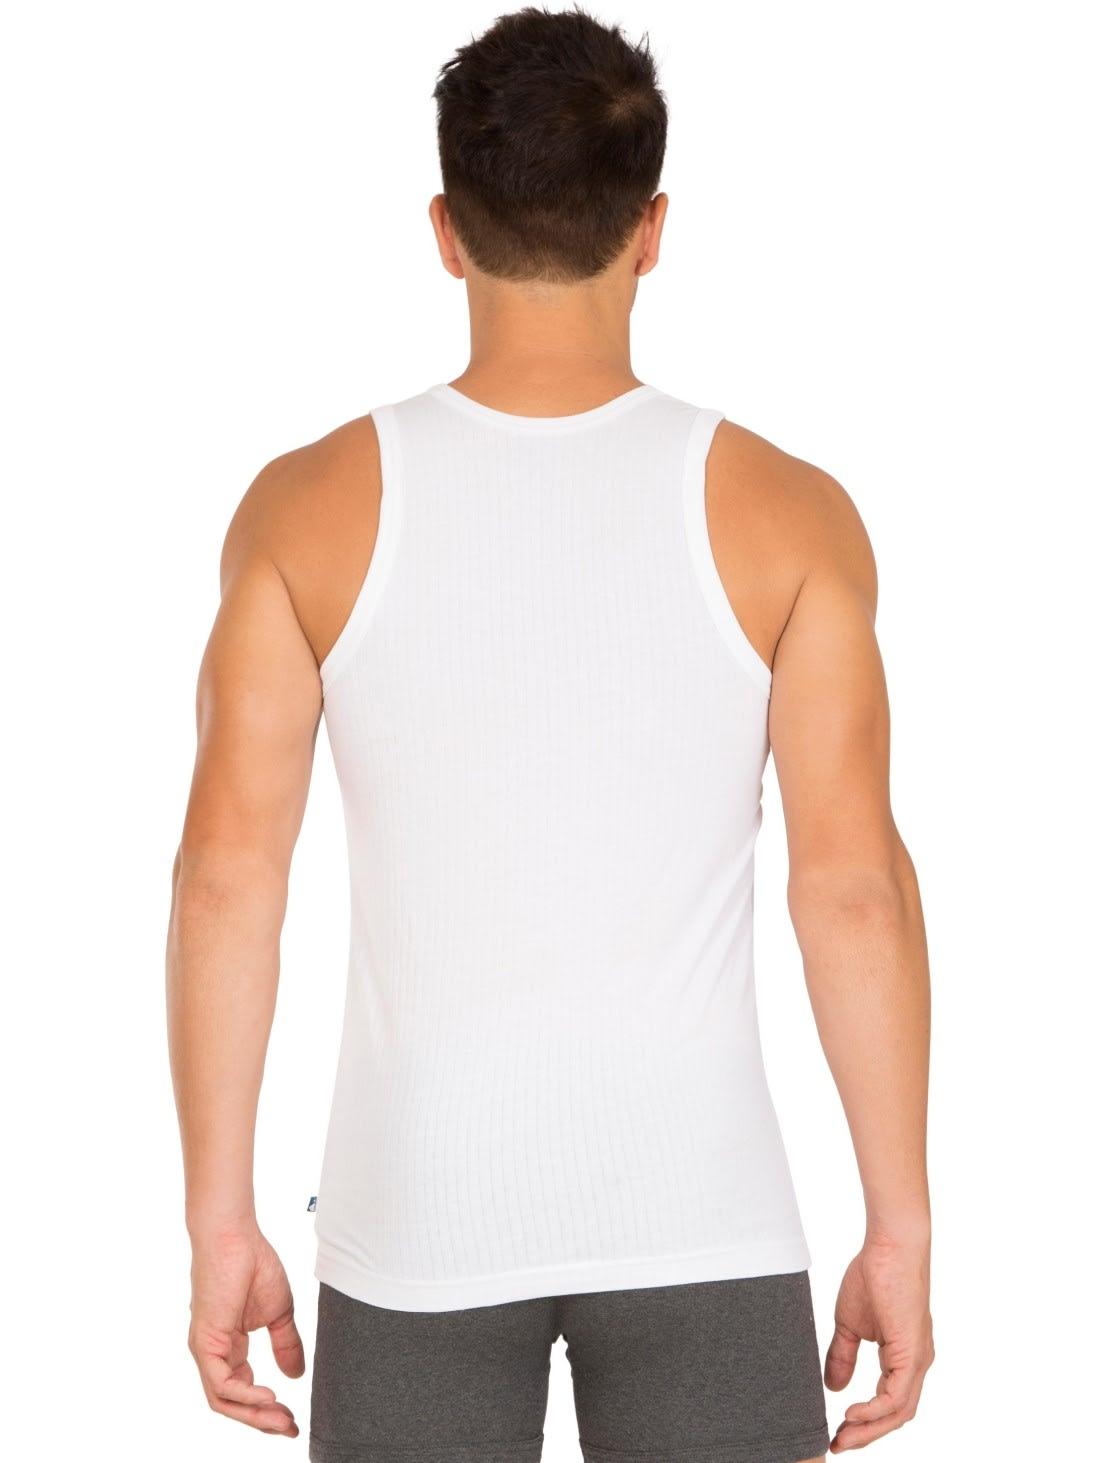 Jockey Men Innerwear Tops White Modern Vest